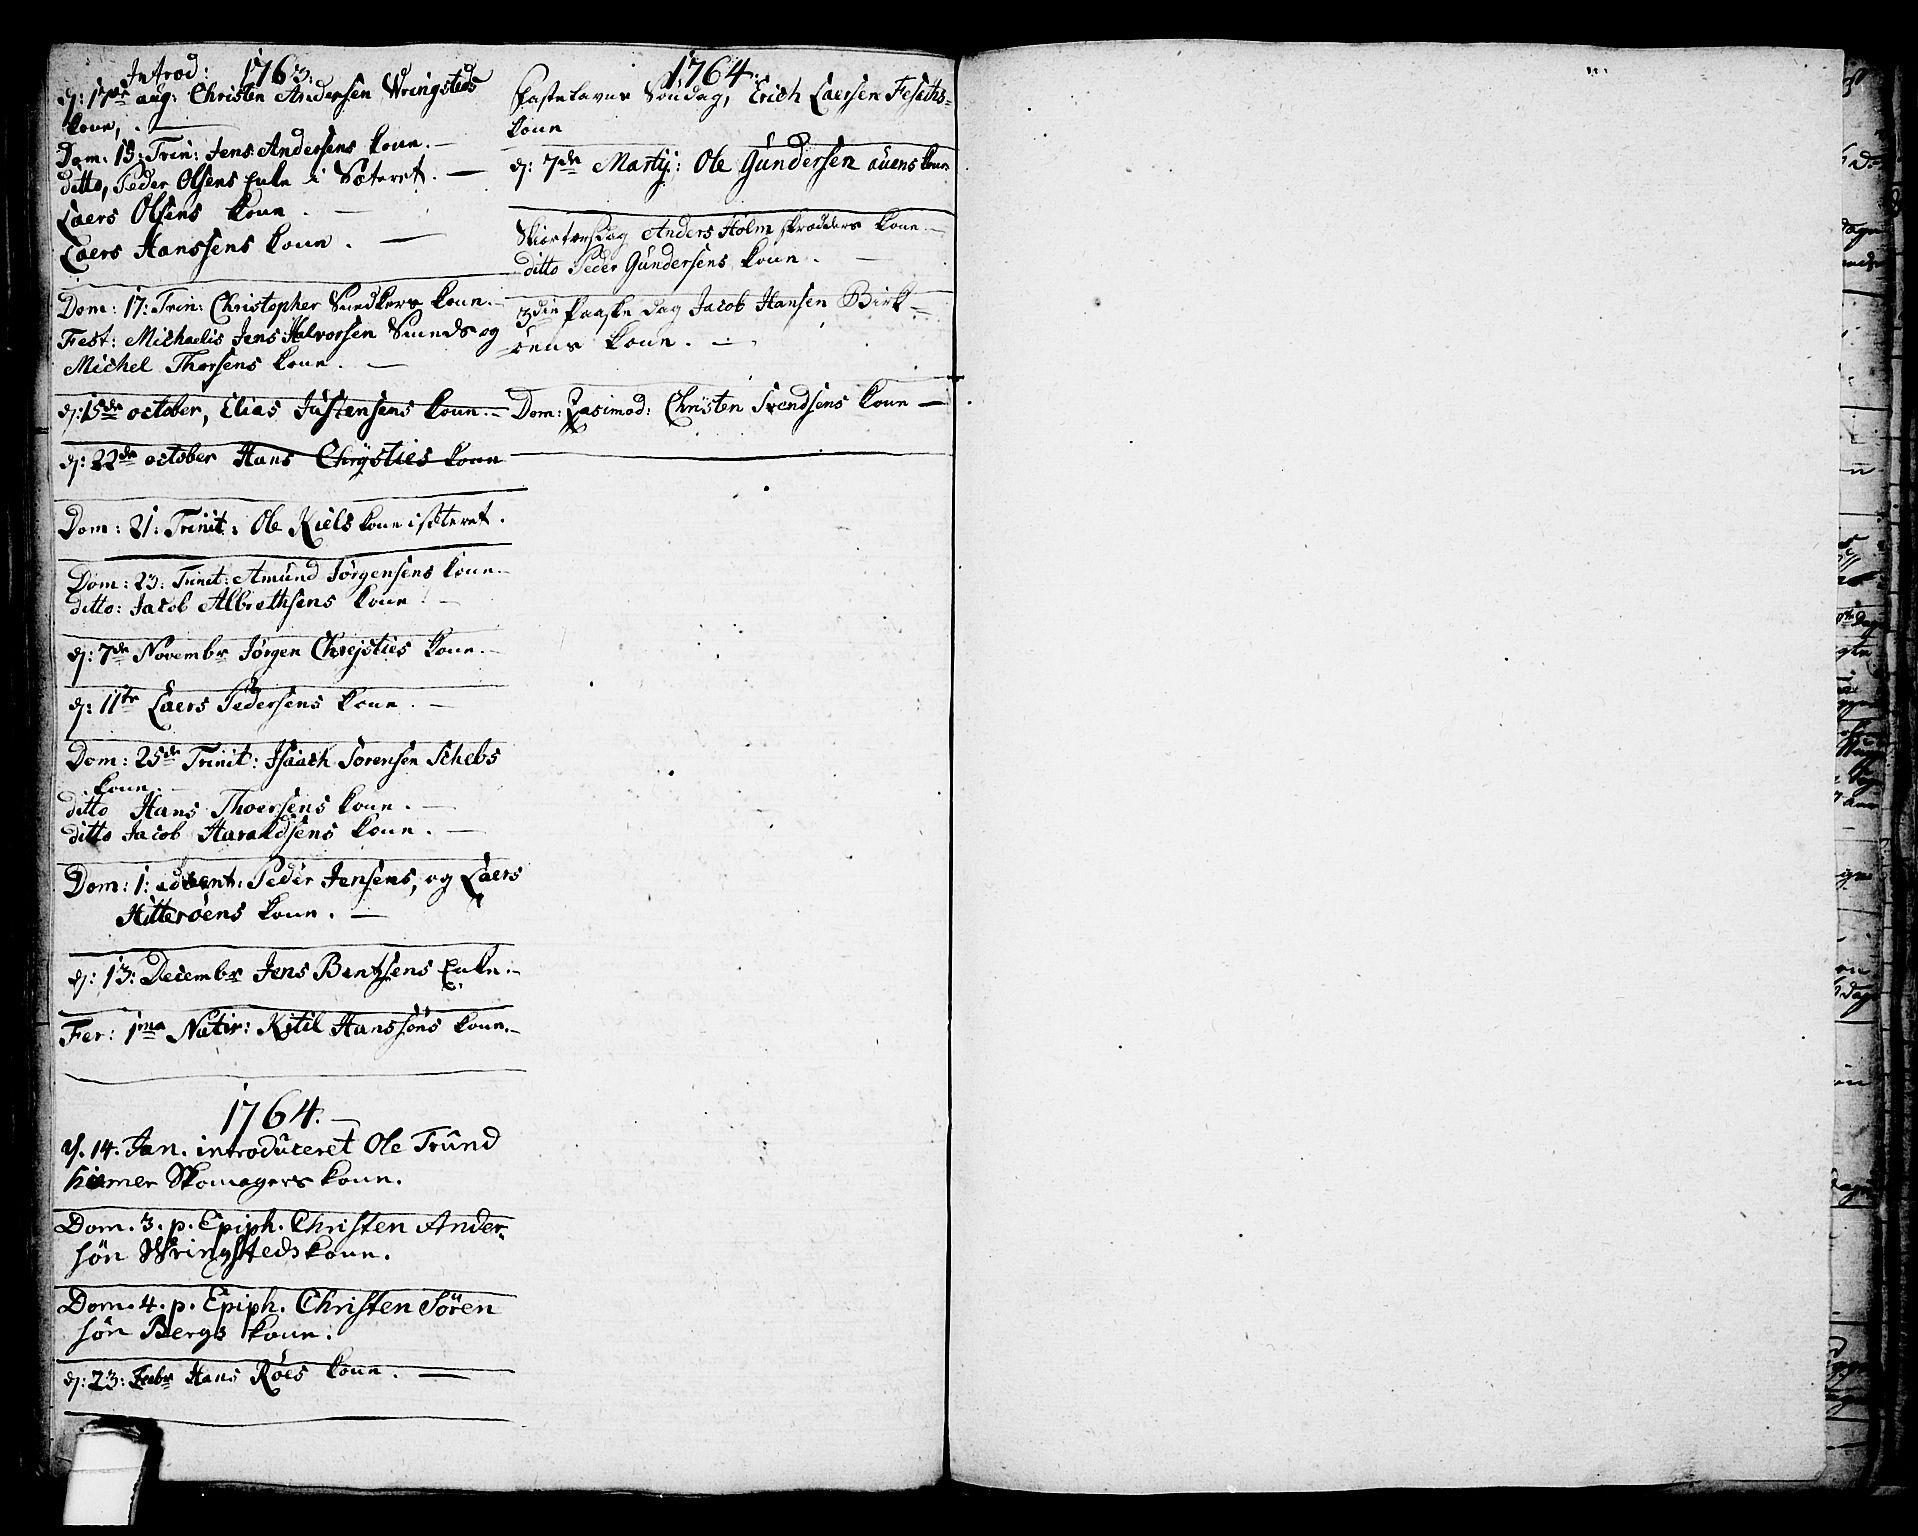 SAKO, Brevik kirkebøker, F/Fa/L0002: Parish register (official) no. 2, 1720-1764, p. 47e